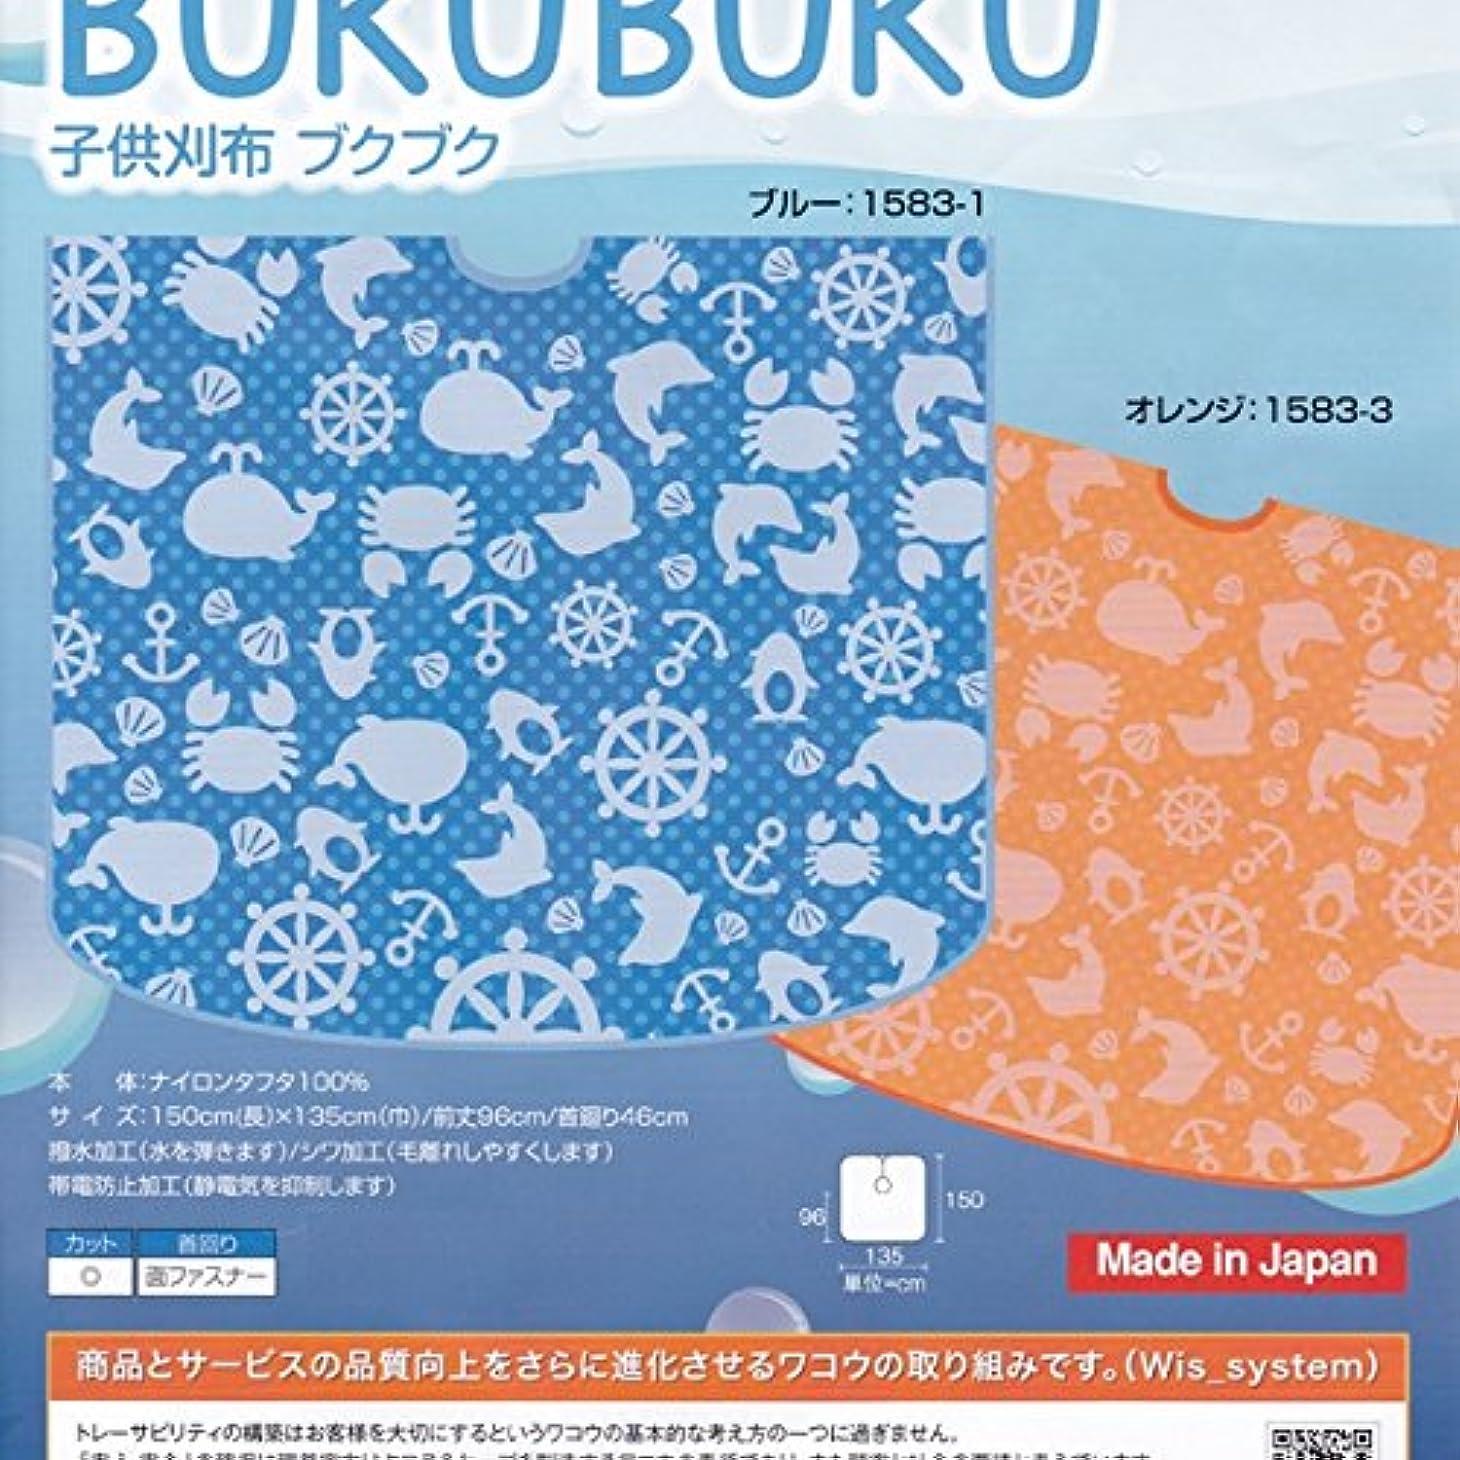 アレイすき最後のワコウ 子供苅布 BUKUBUKU No.1583 マジックタイプ ブルー